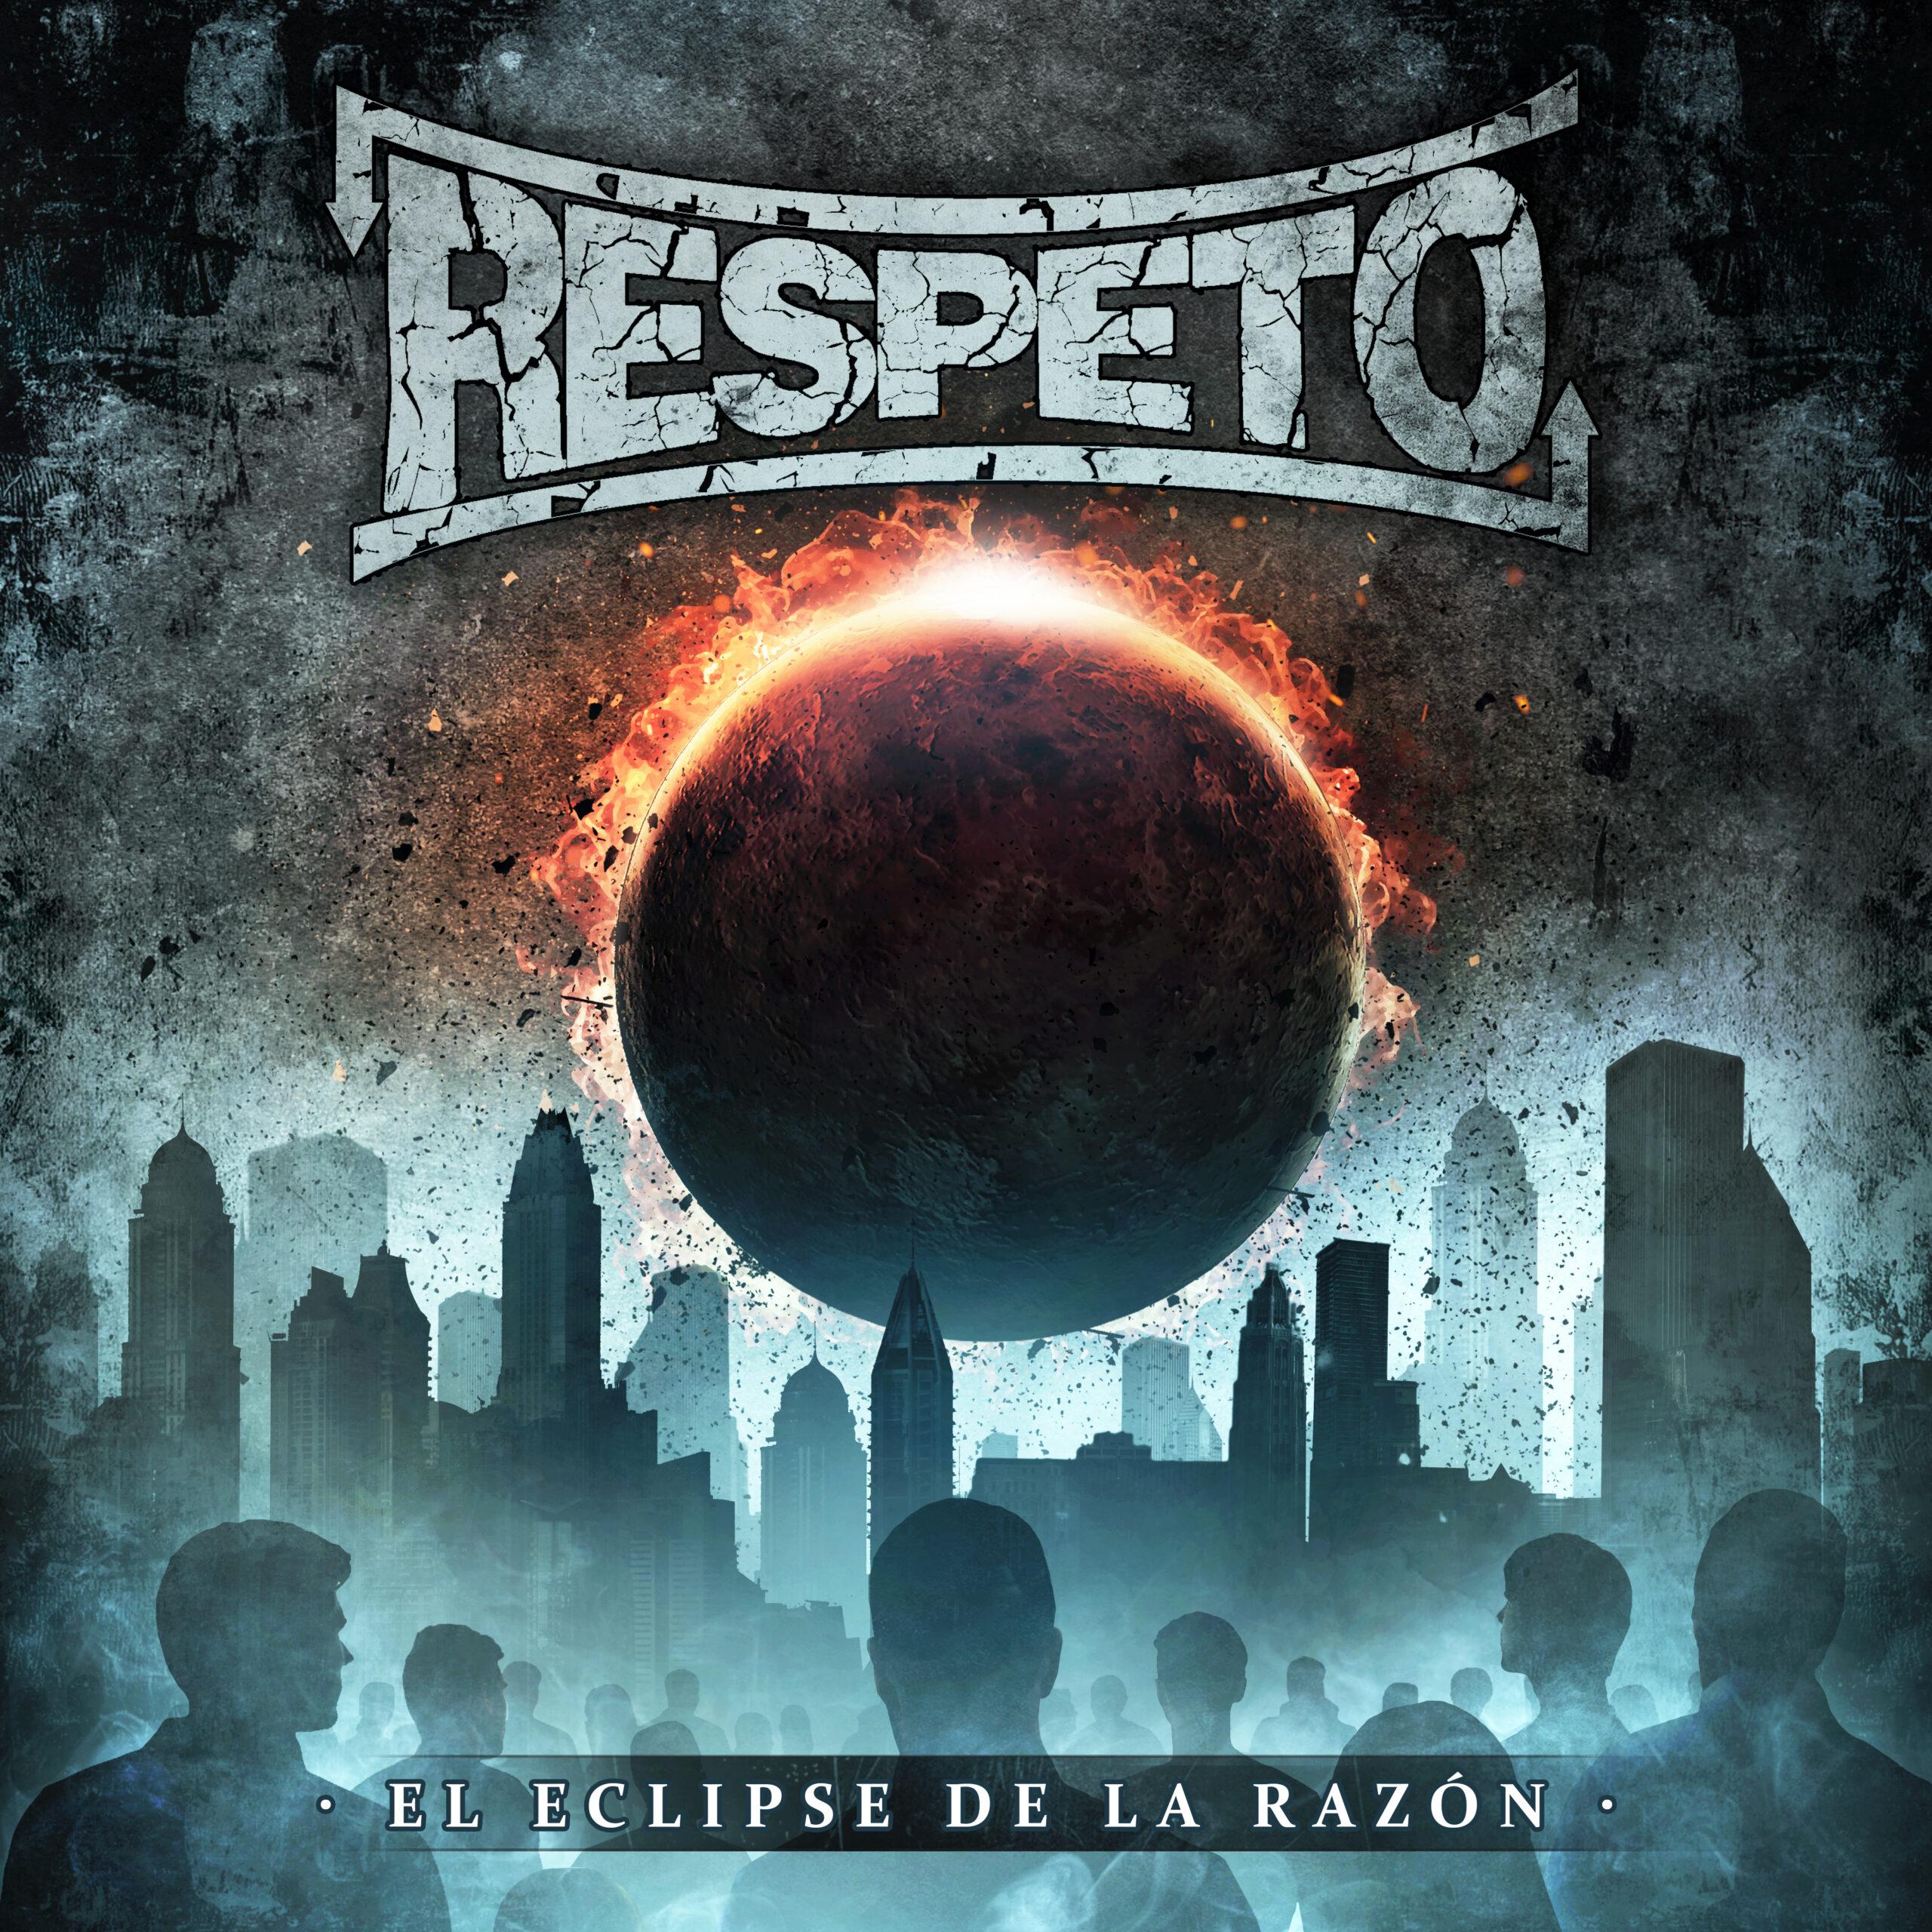 Respeto - El eclipse de la razón - OYR